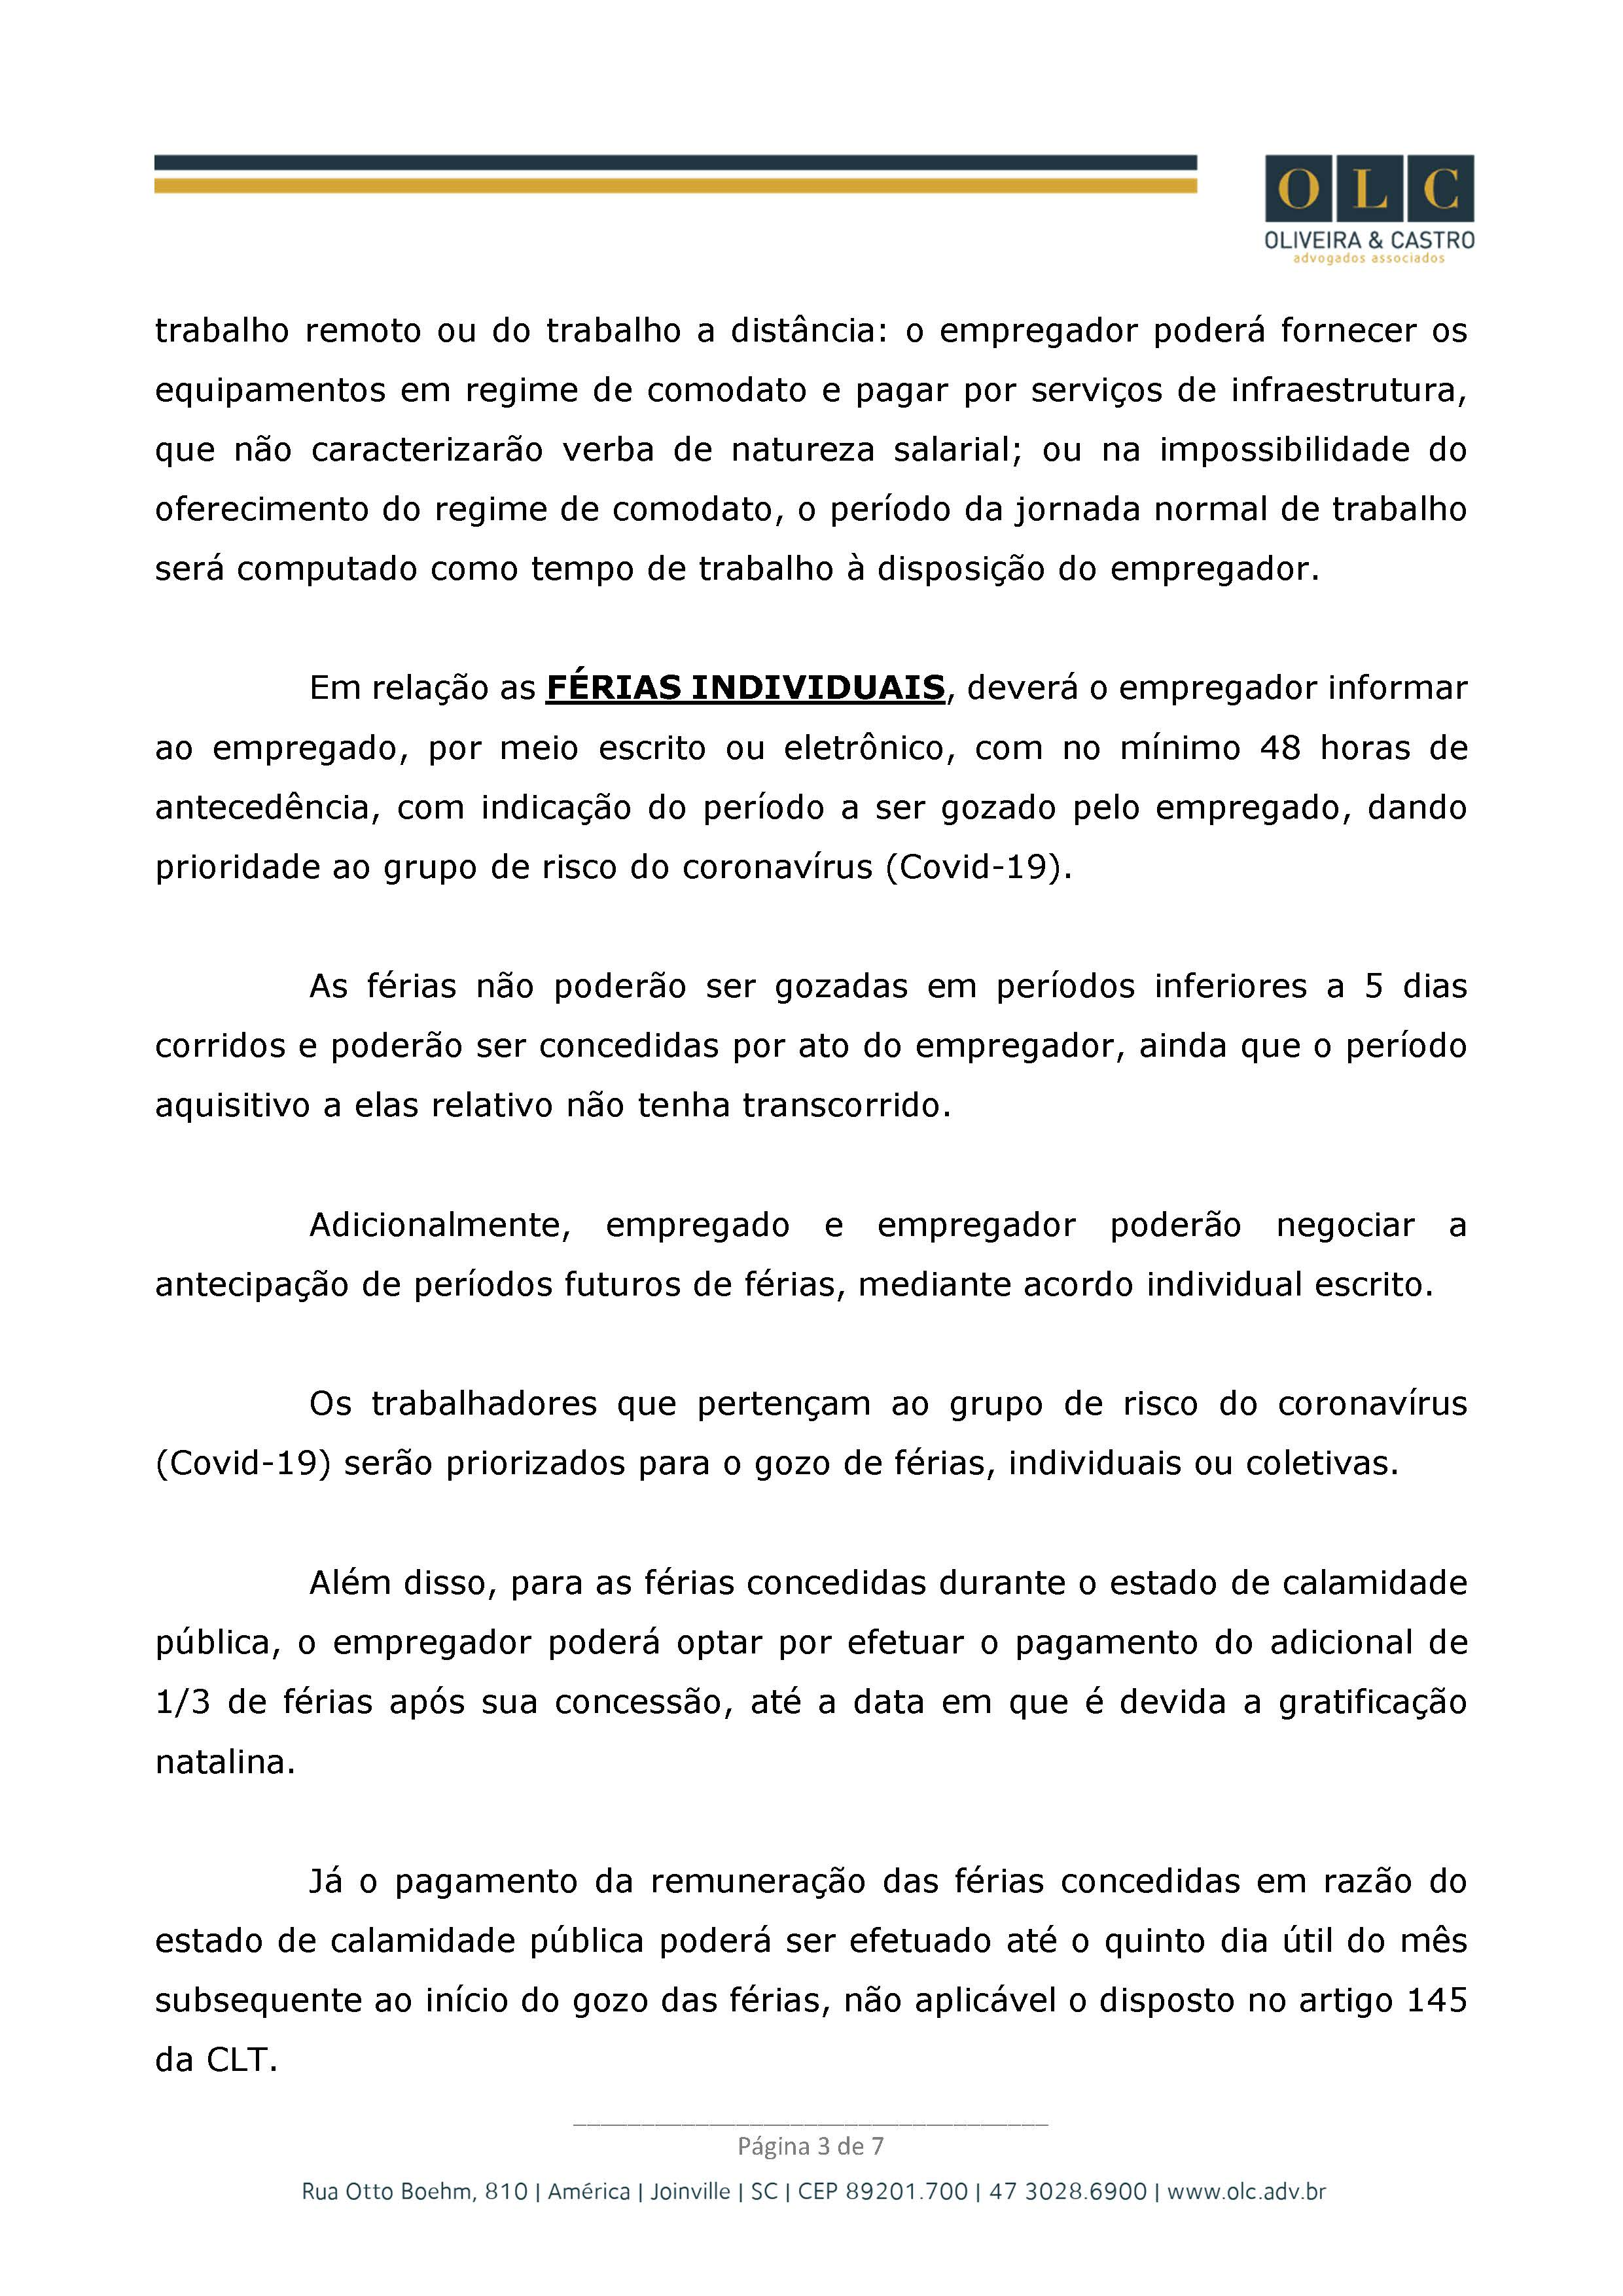 Carta Explicativa - Oliveira e Castro Advogados (1)_Página_3